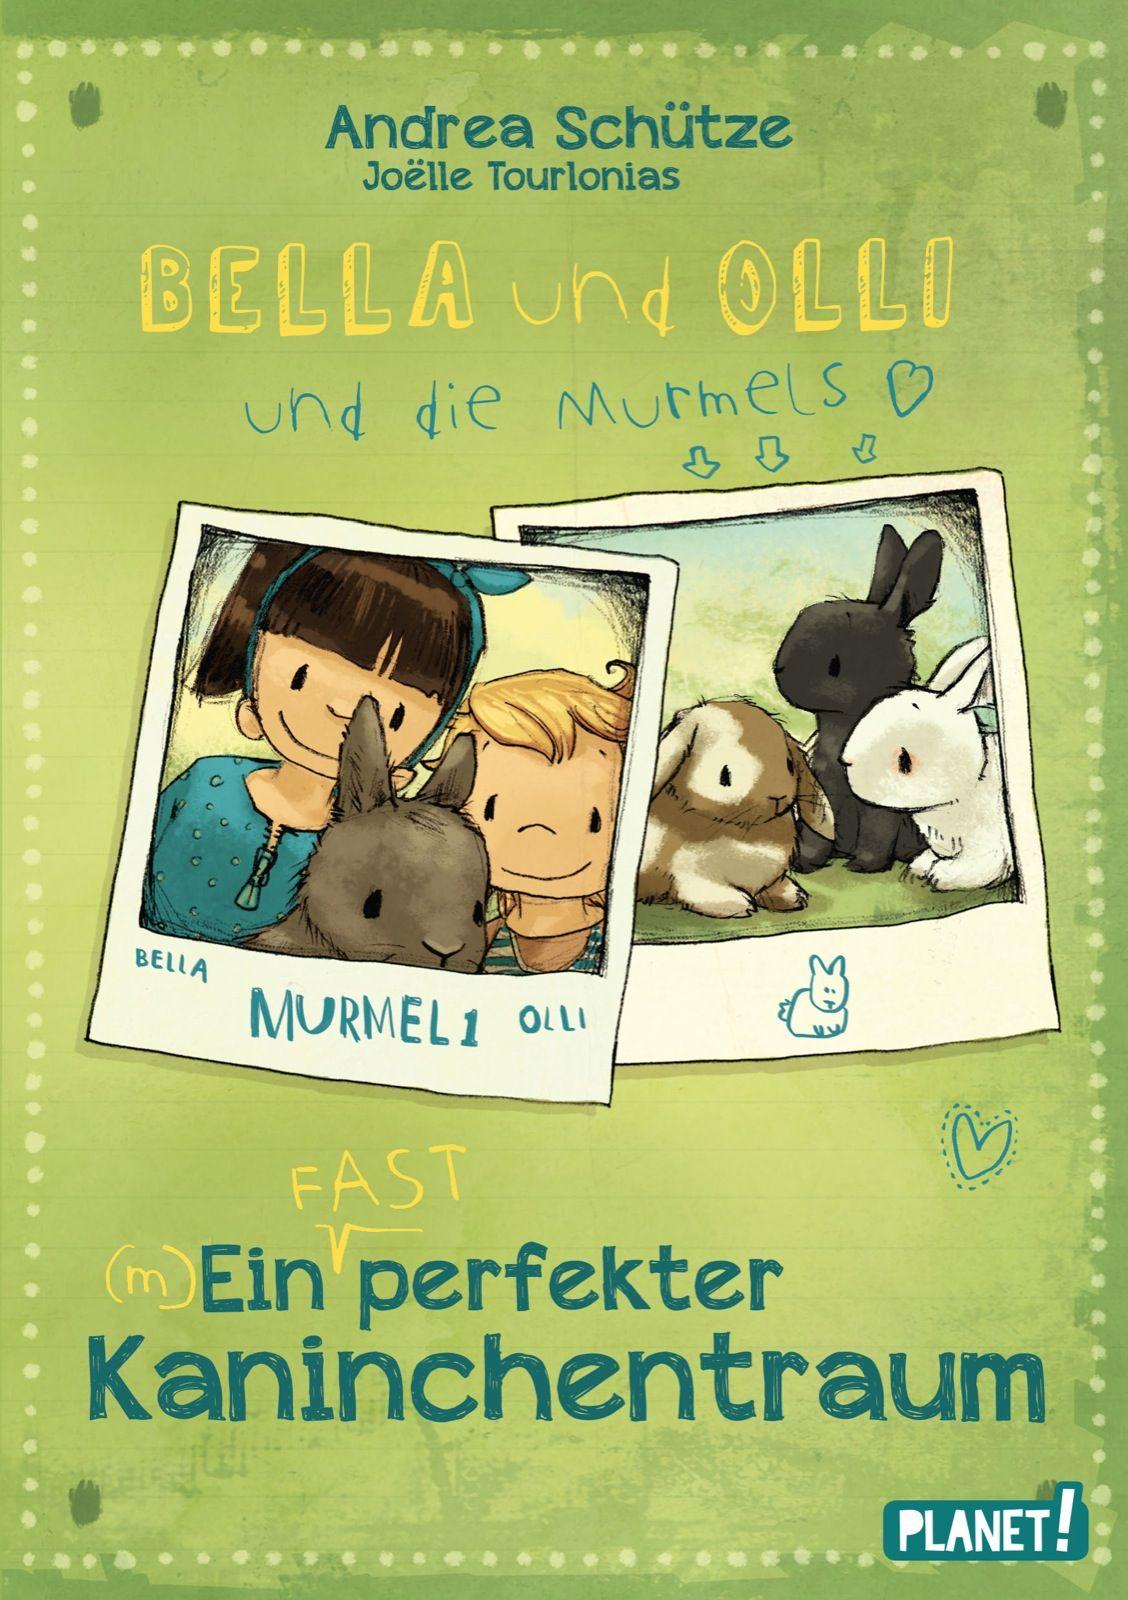 Bella und Olli - Ein (fast) perfekter Kaninchentraum Andrea Schütze